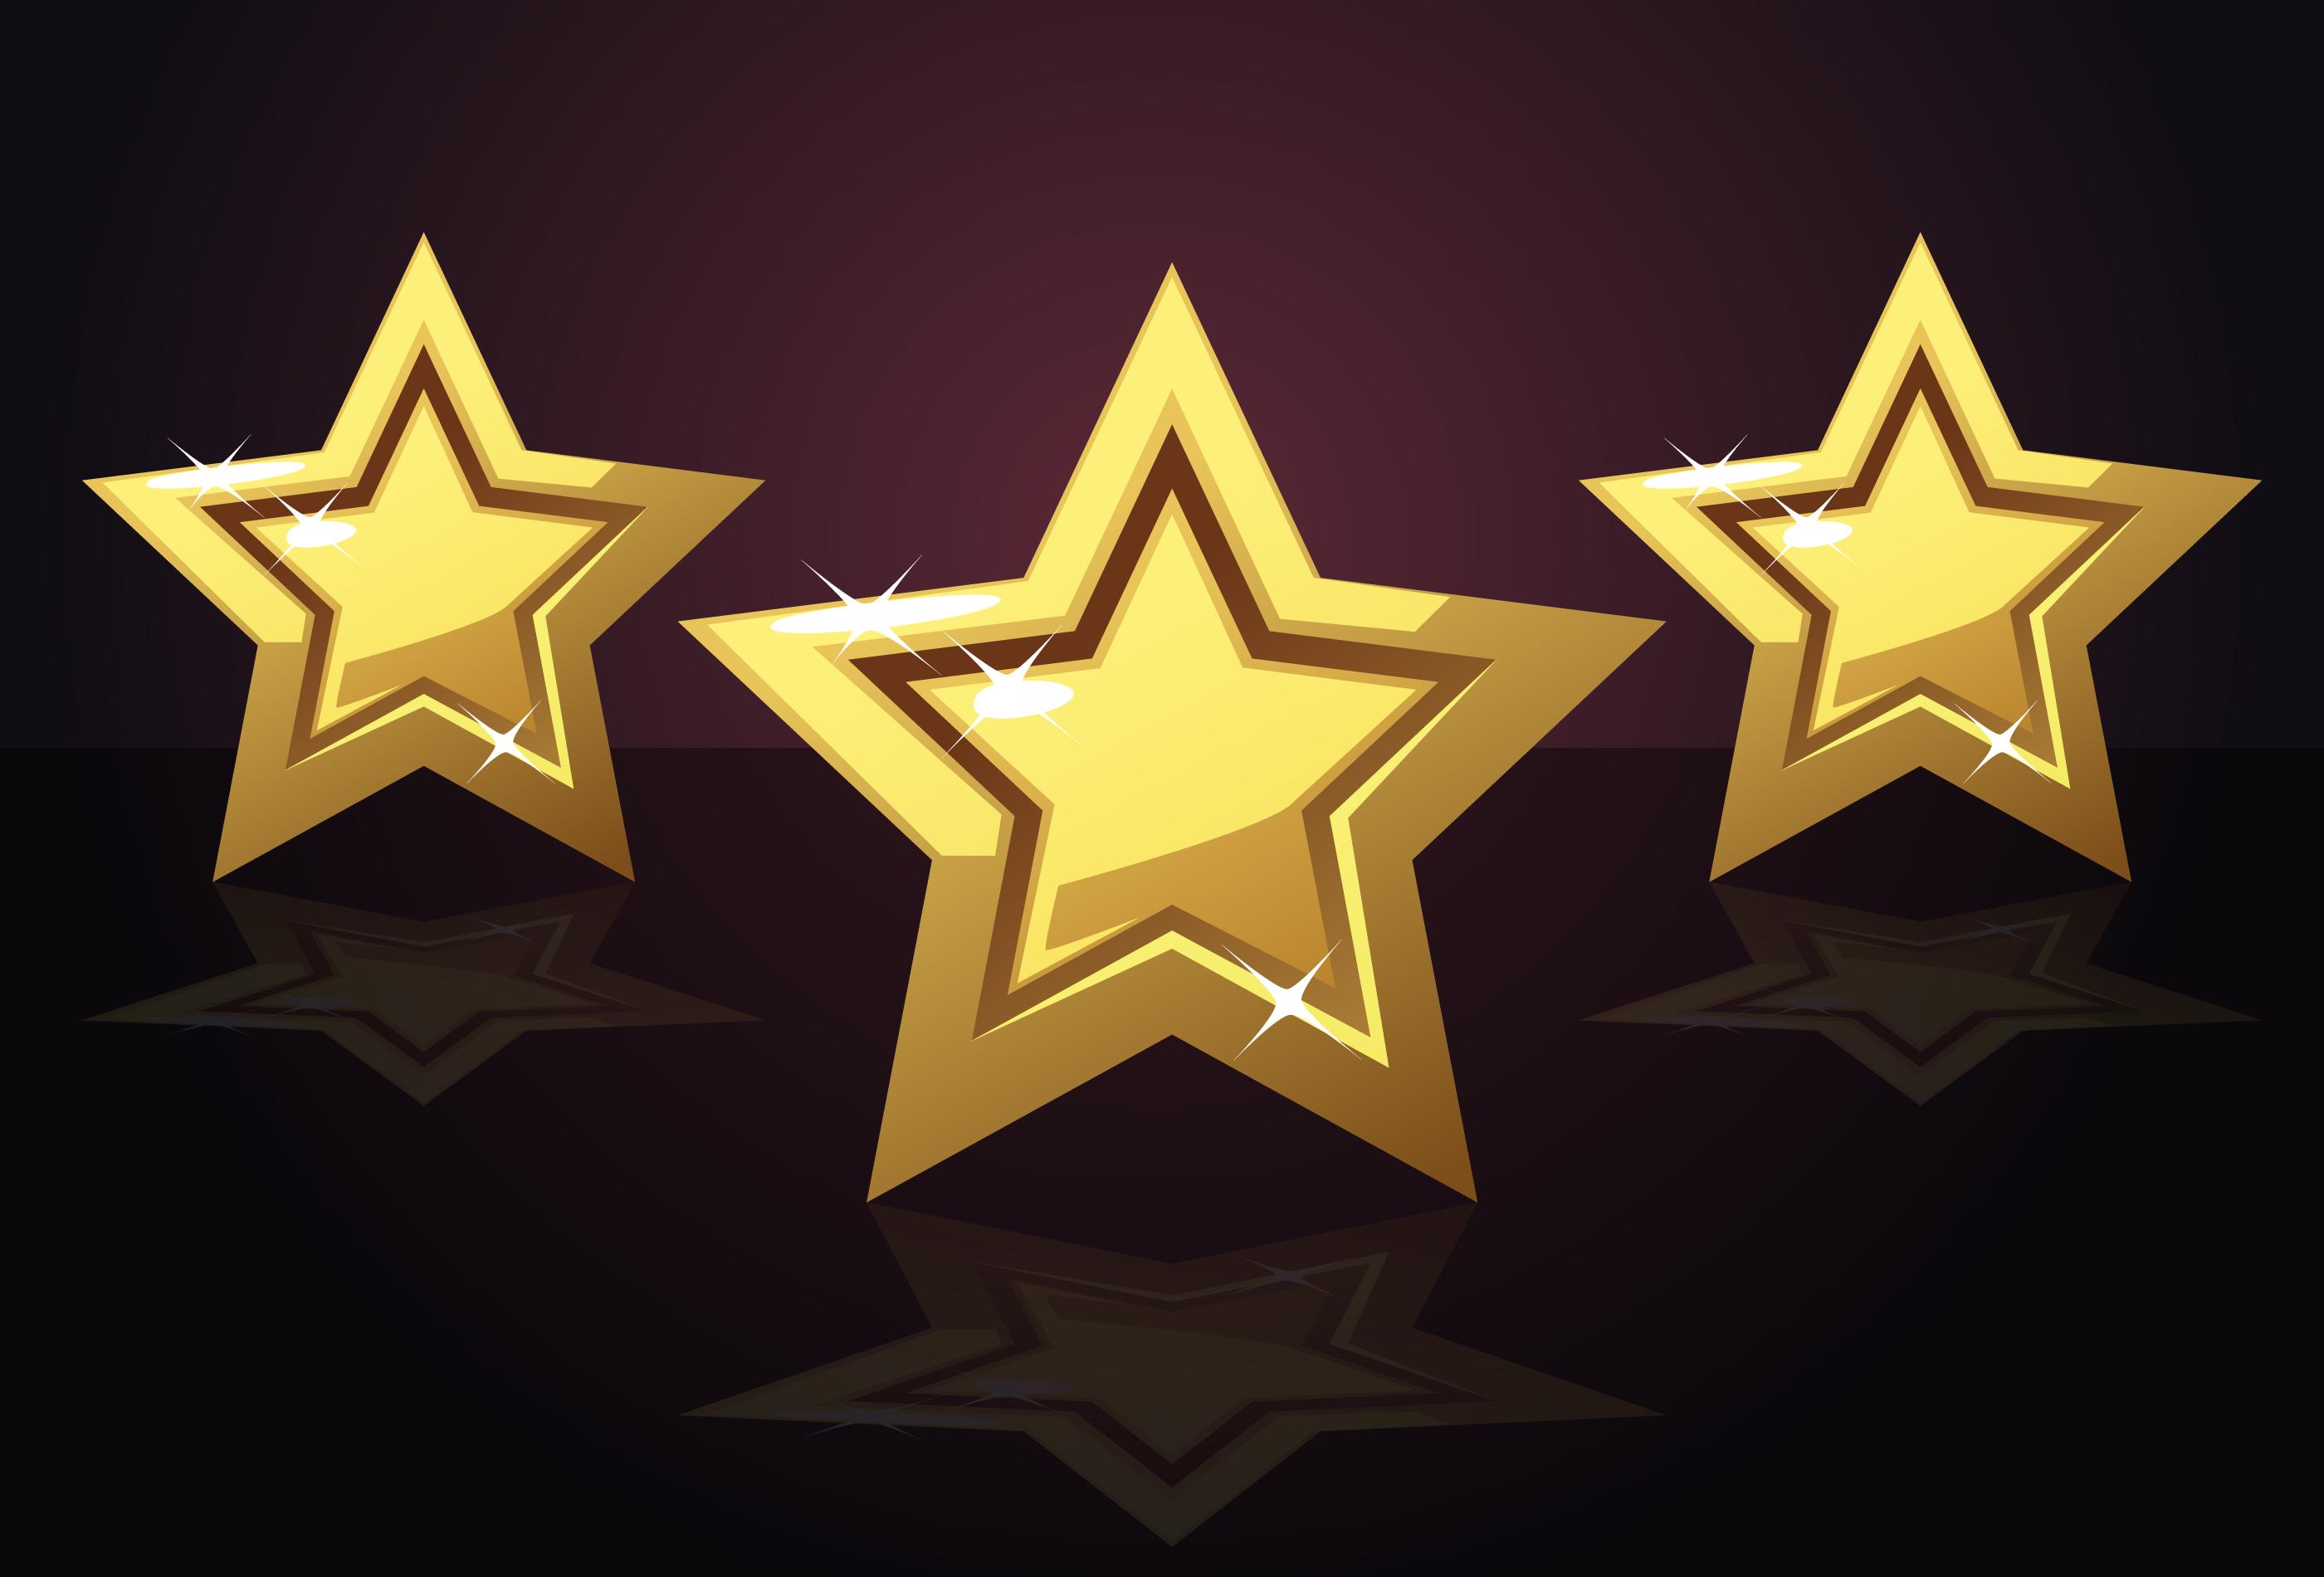 картинки трех звезд сможете выбрать лучший